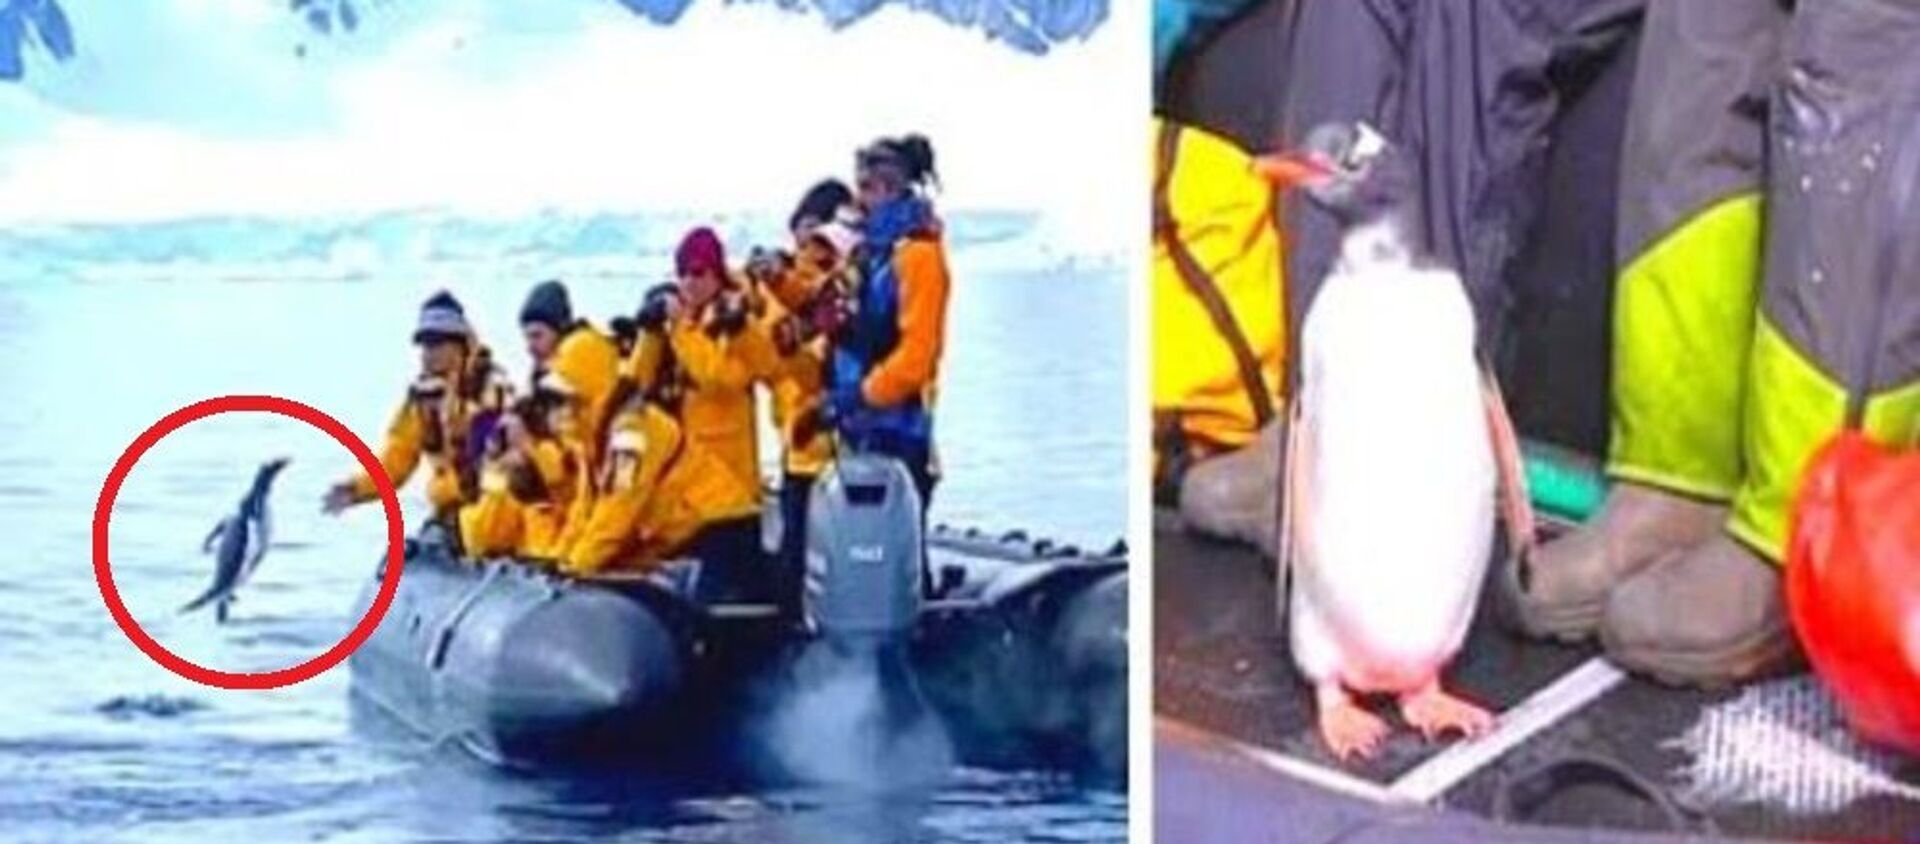 Πιγκουίνος πηδάει έξω από το νερό μέσα σε βάρκα με τουρίστες για να σωθεί από φάλαινα-δολοφόνος - Sputnik Ελλάδα, 1920, 10.03.2021